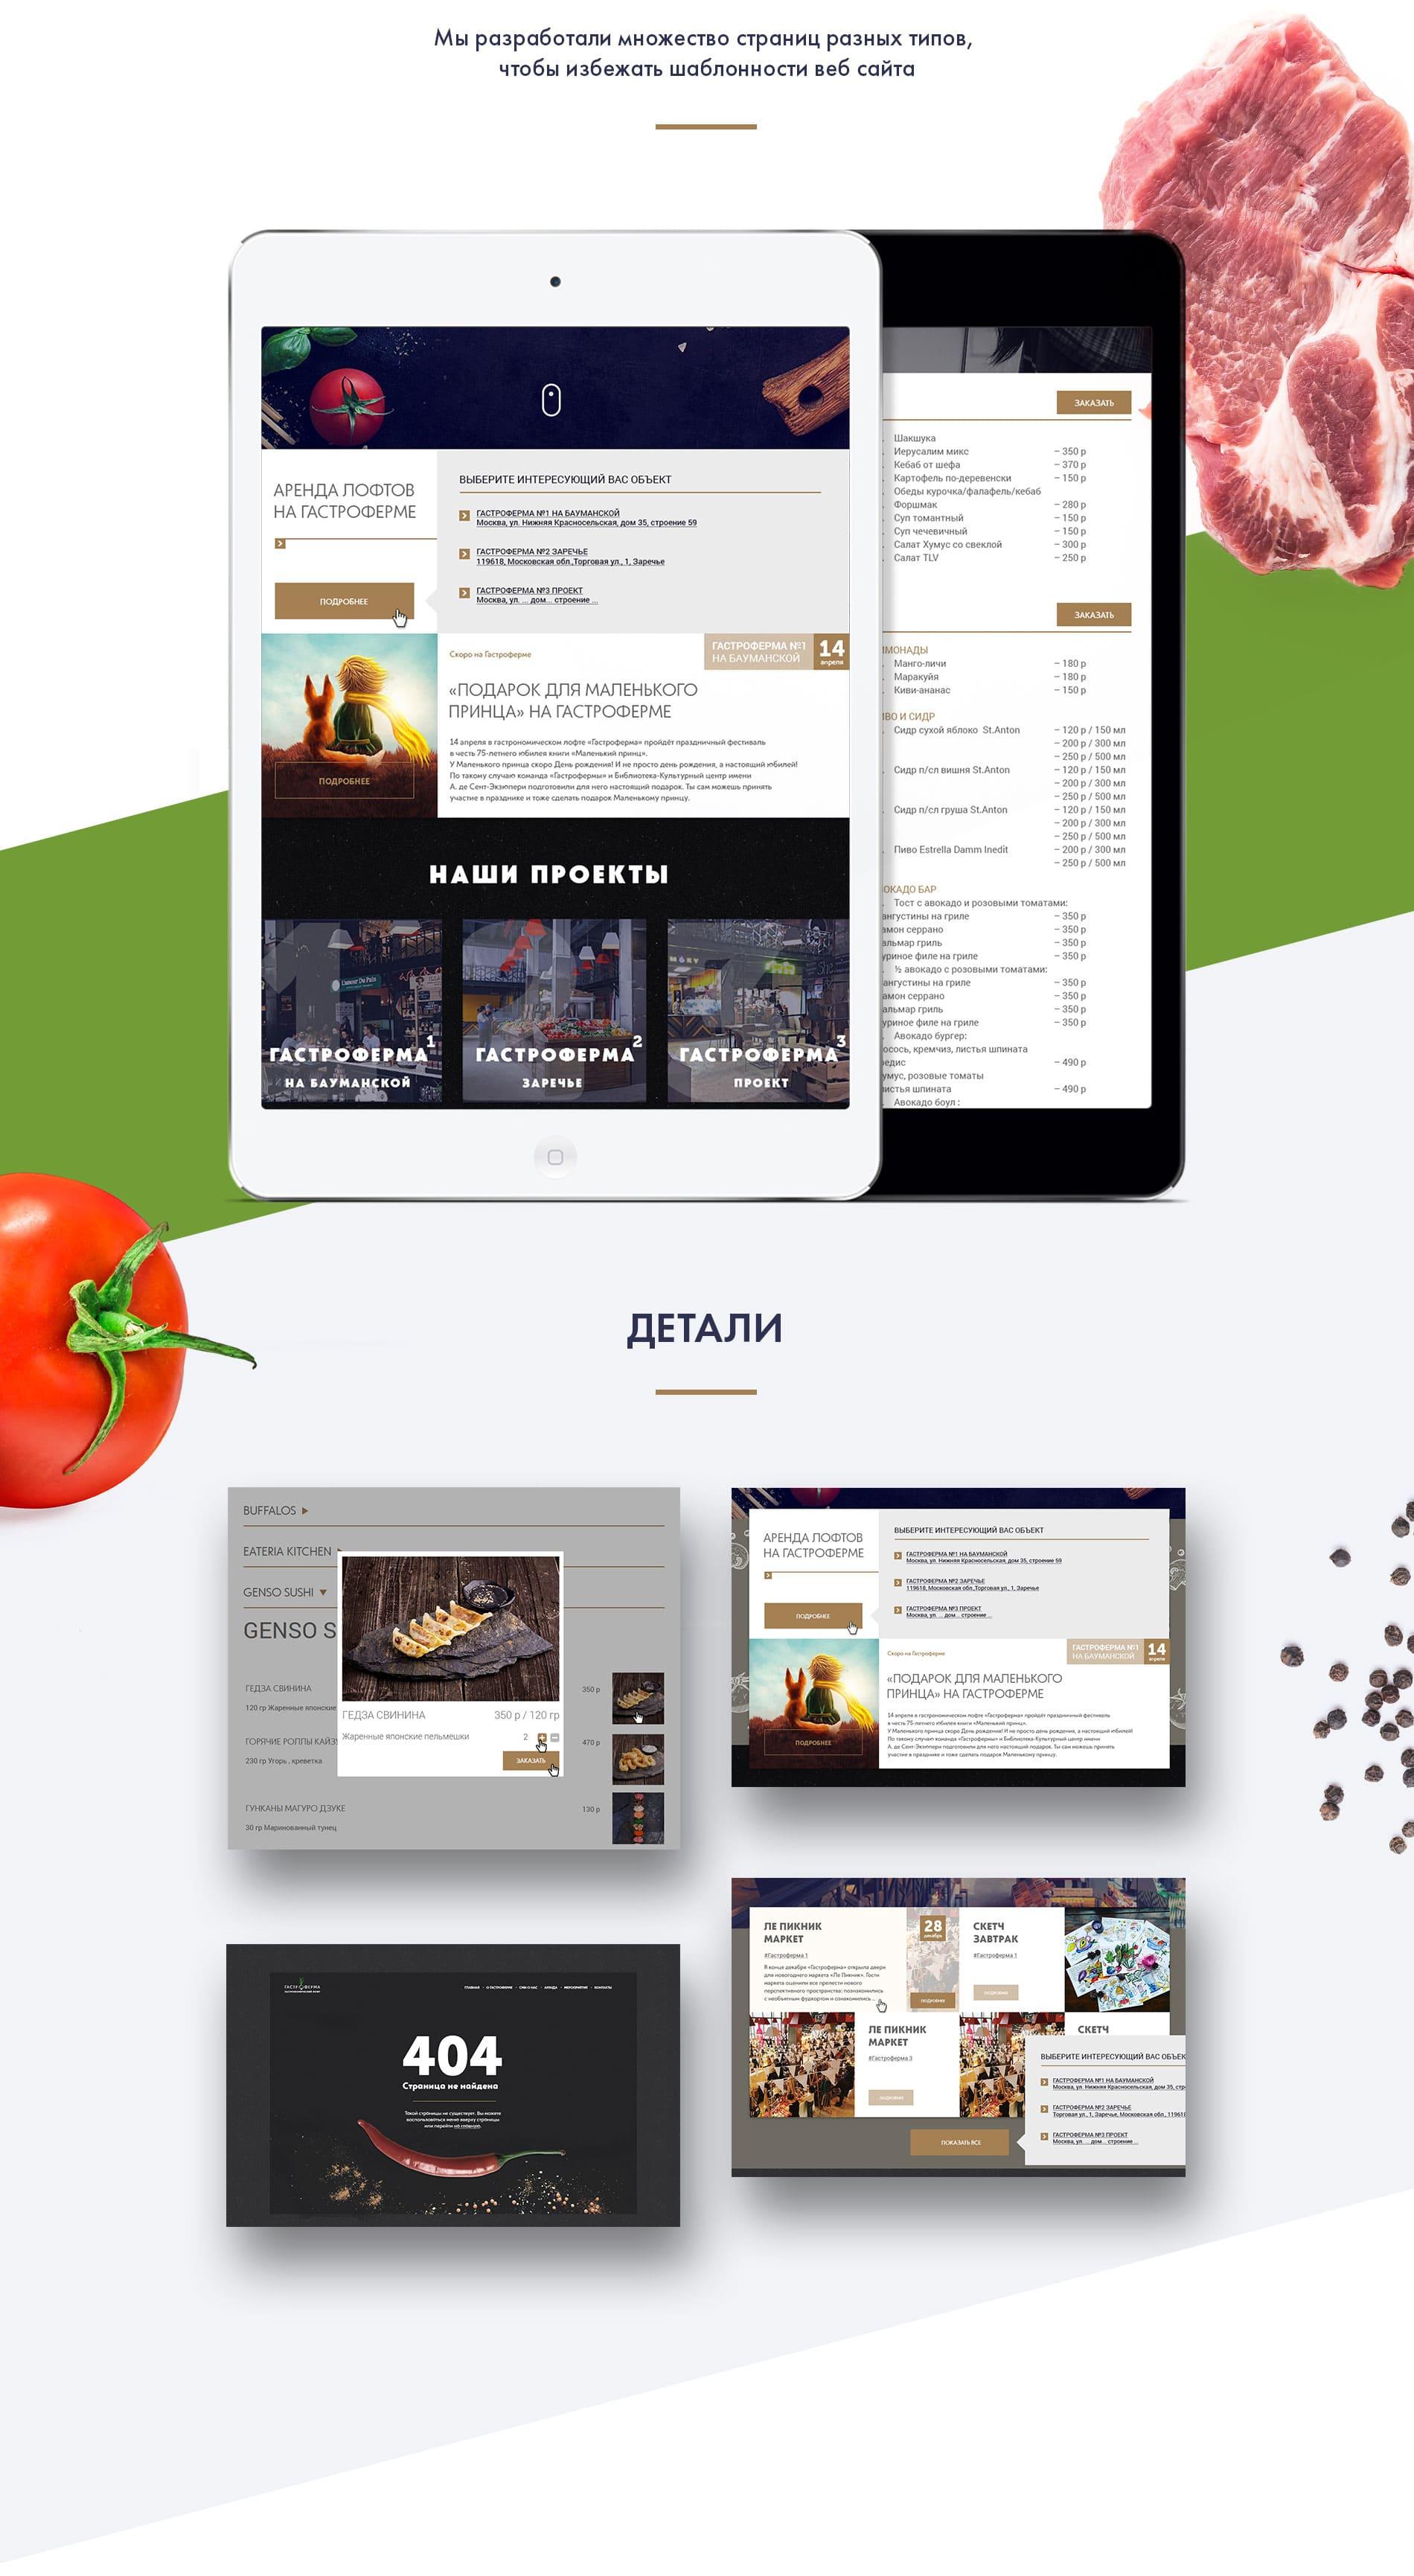 брутальный сайт для сети ресторанов Гастроферма